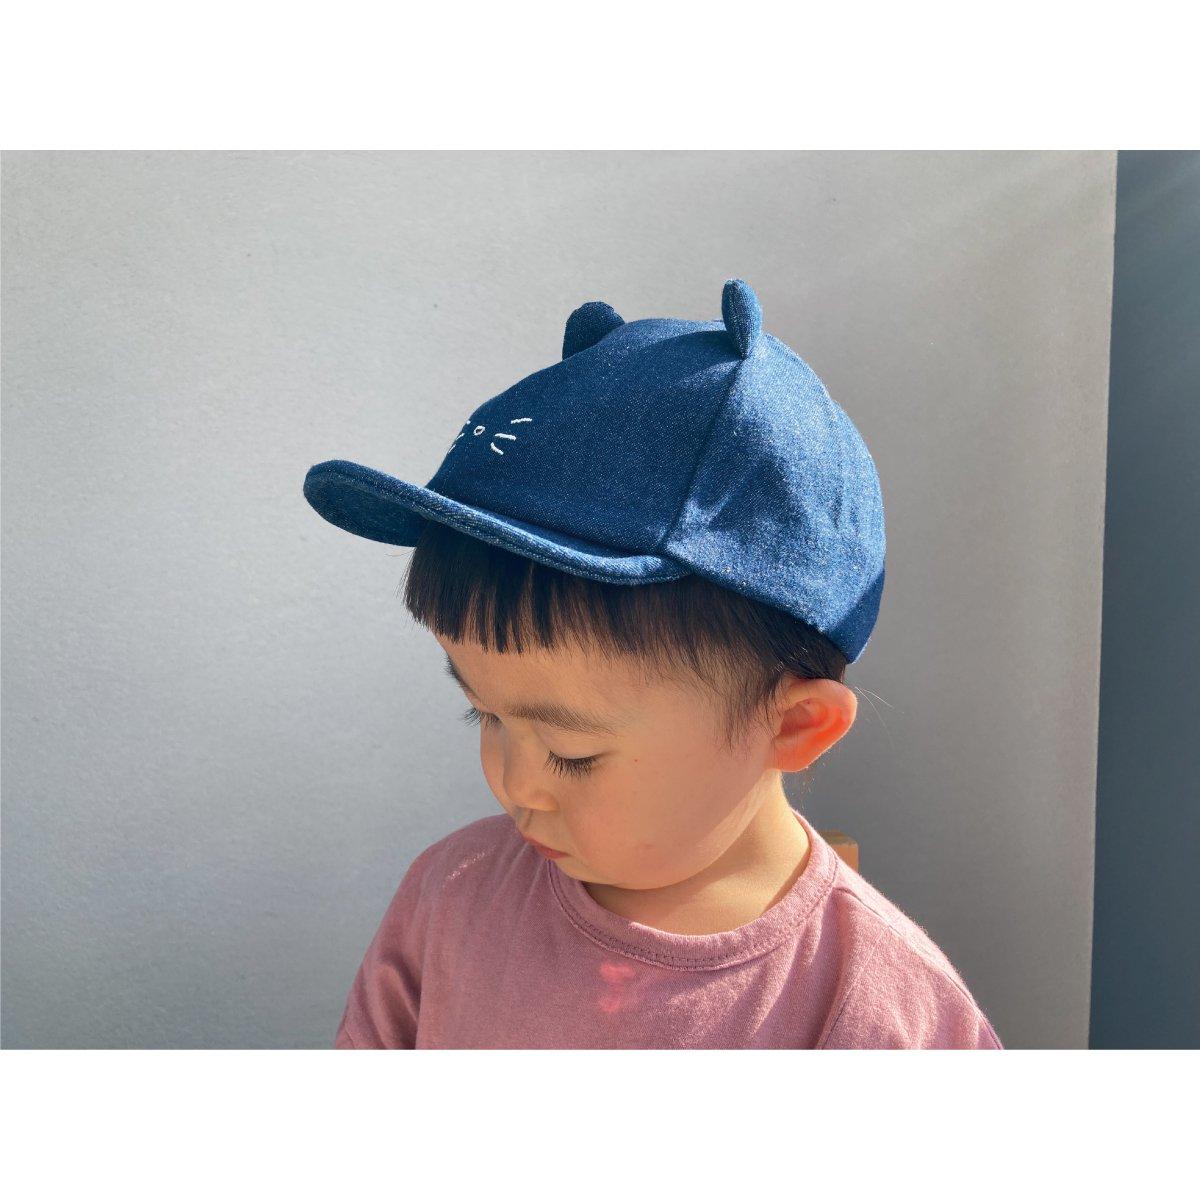 【KIDS】Cat Ear Cap 詳細画像20